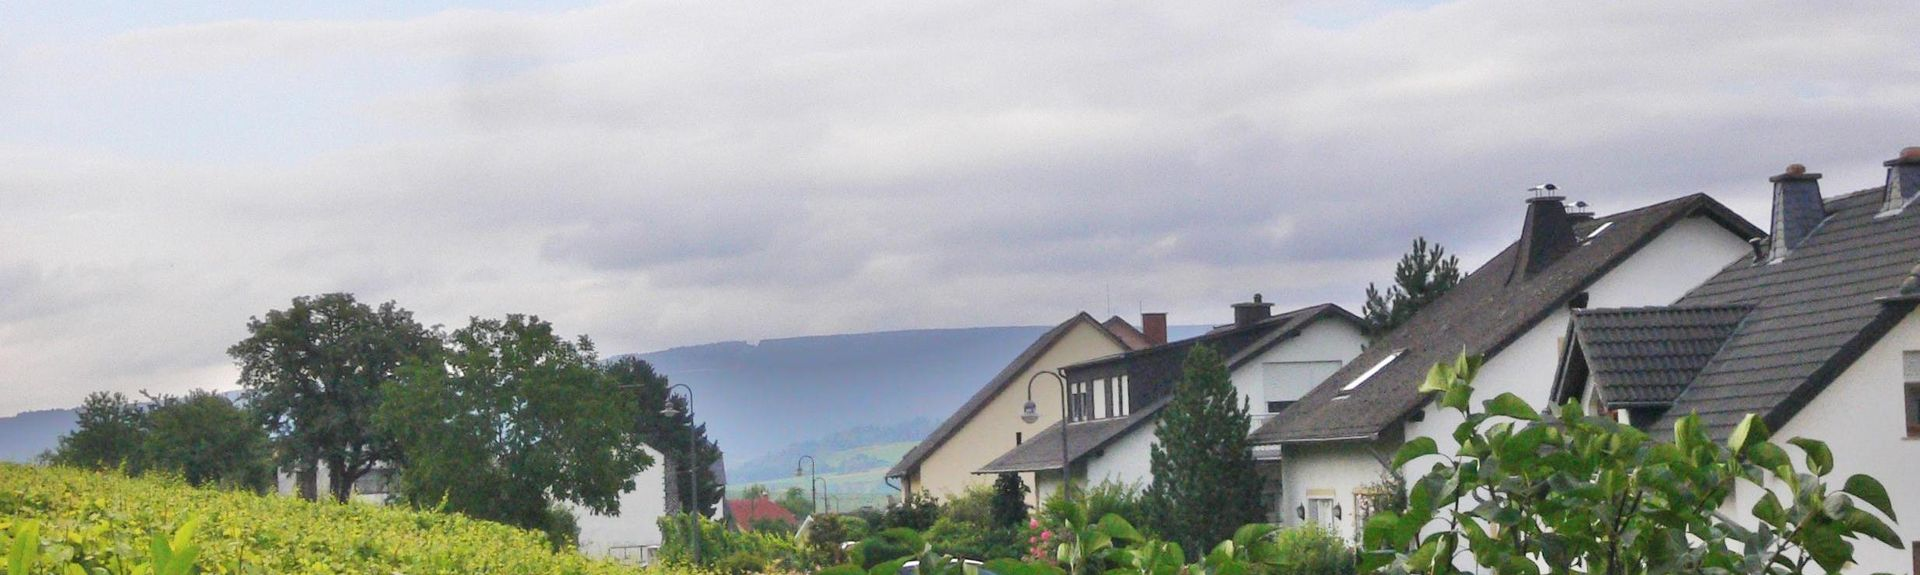 Pölich, Rheinland-Pfalz, Deutschland